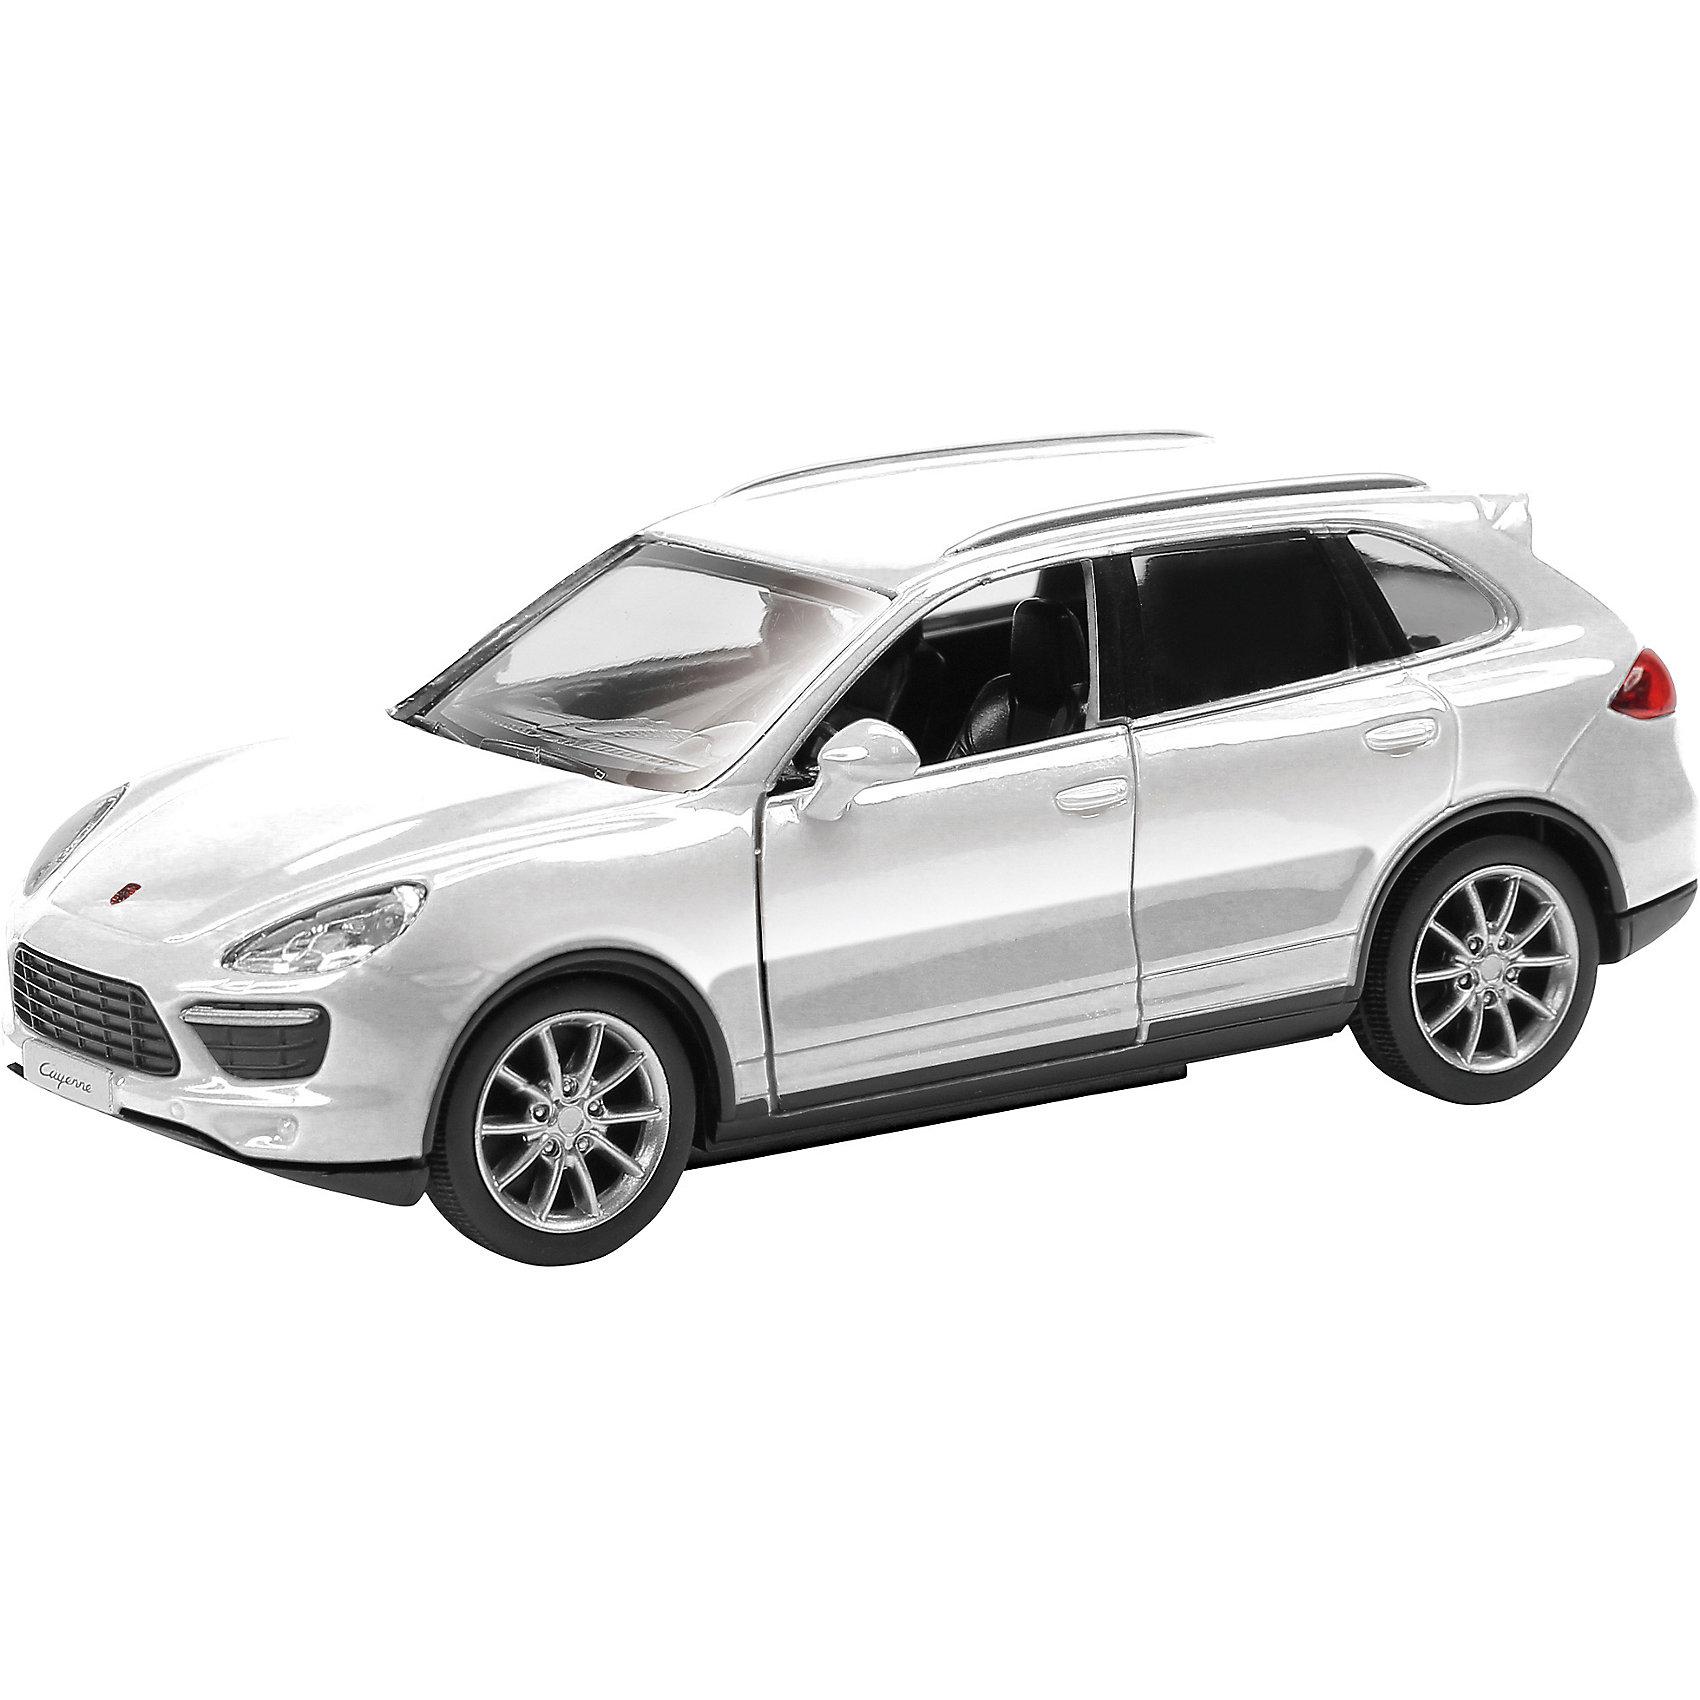 ������� Porsche Cayenne Turbo, KRUTTI